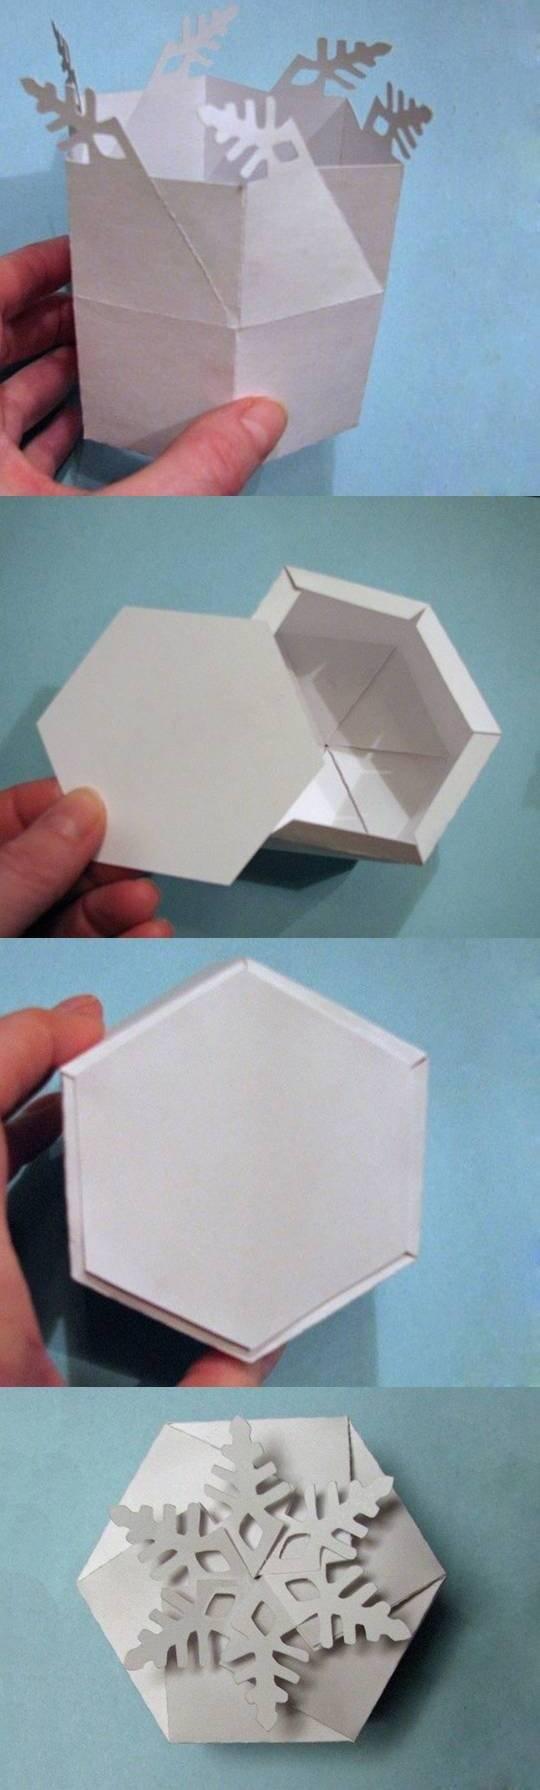 hokristaly dobozka2